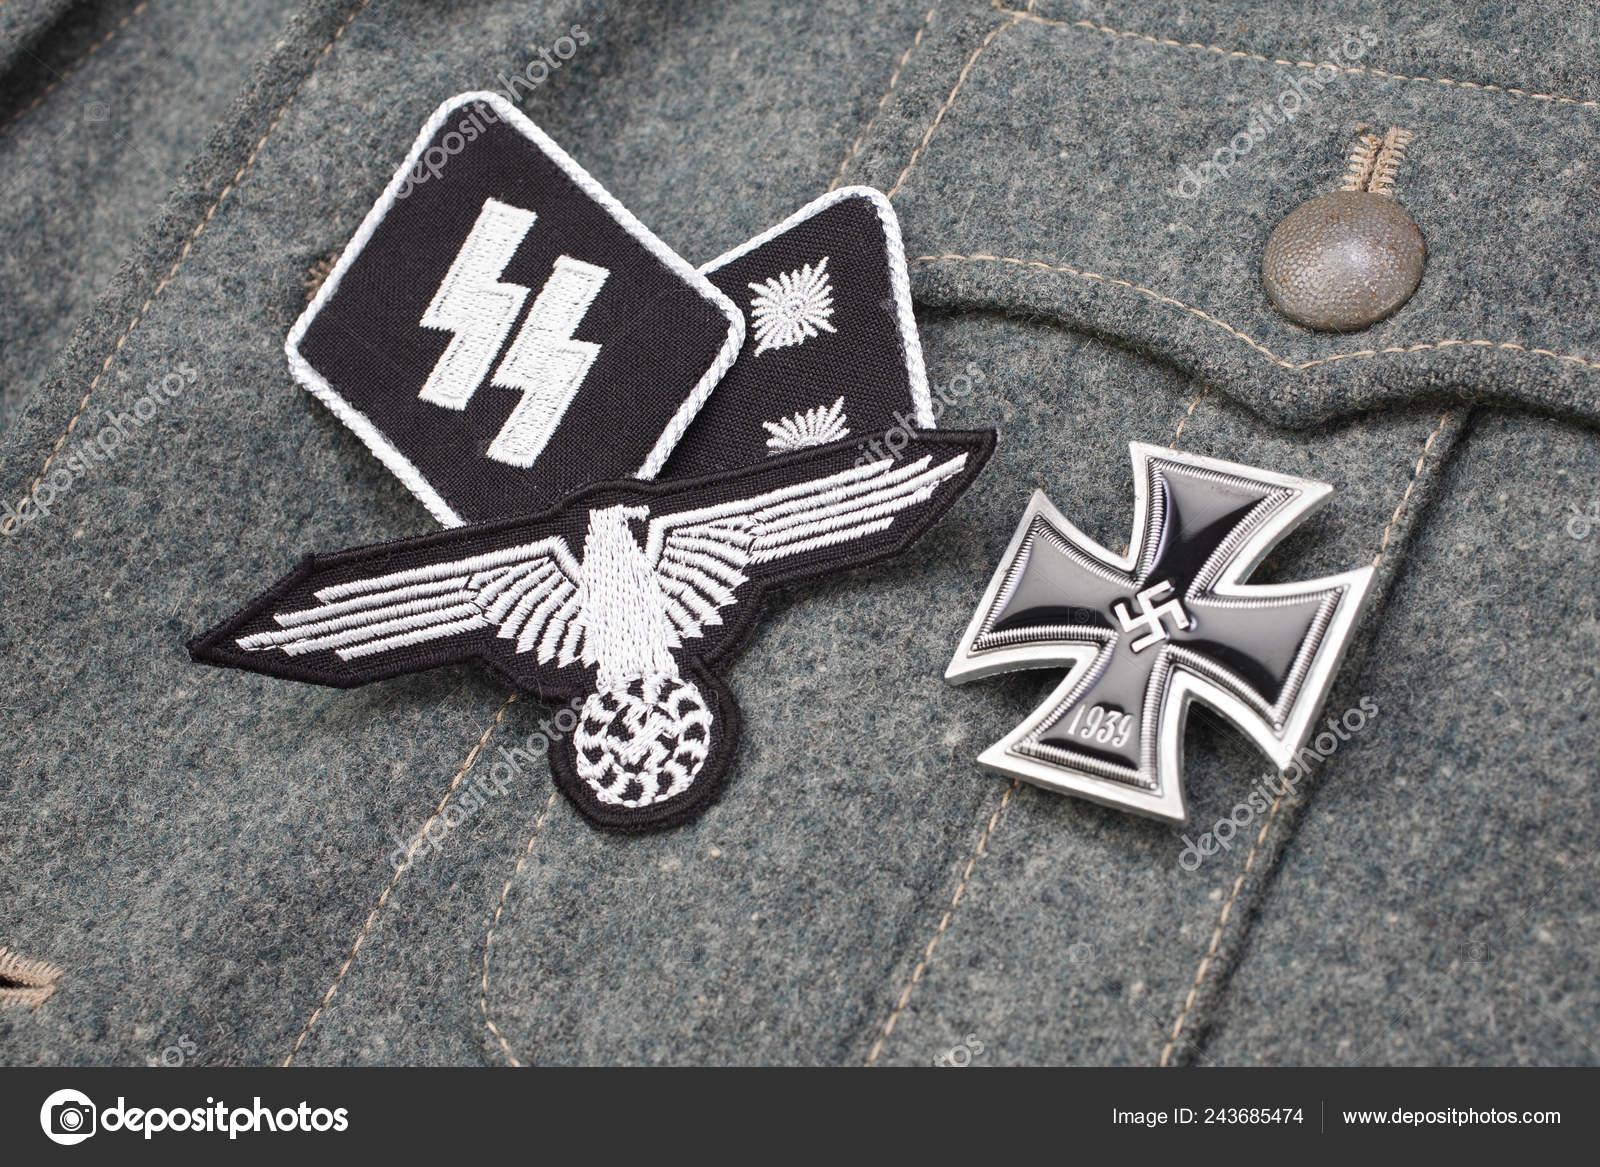 Ww2 German Waffen Military Insignia — Stock Photo © zim90 #243685474